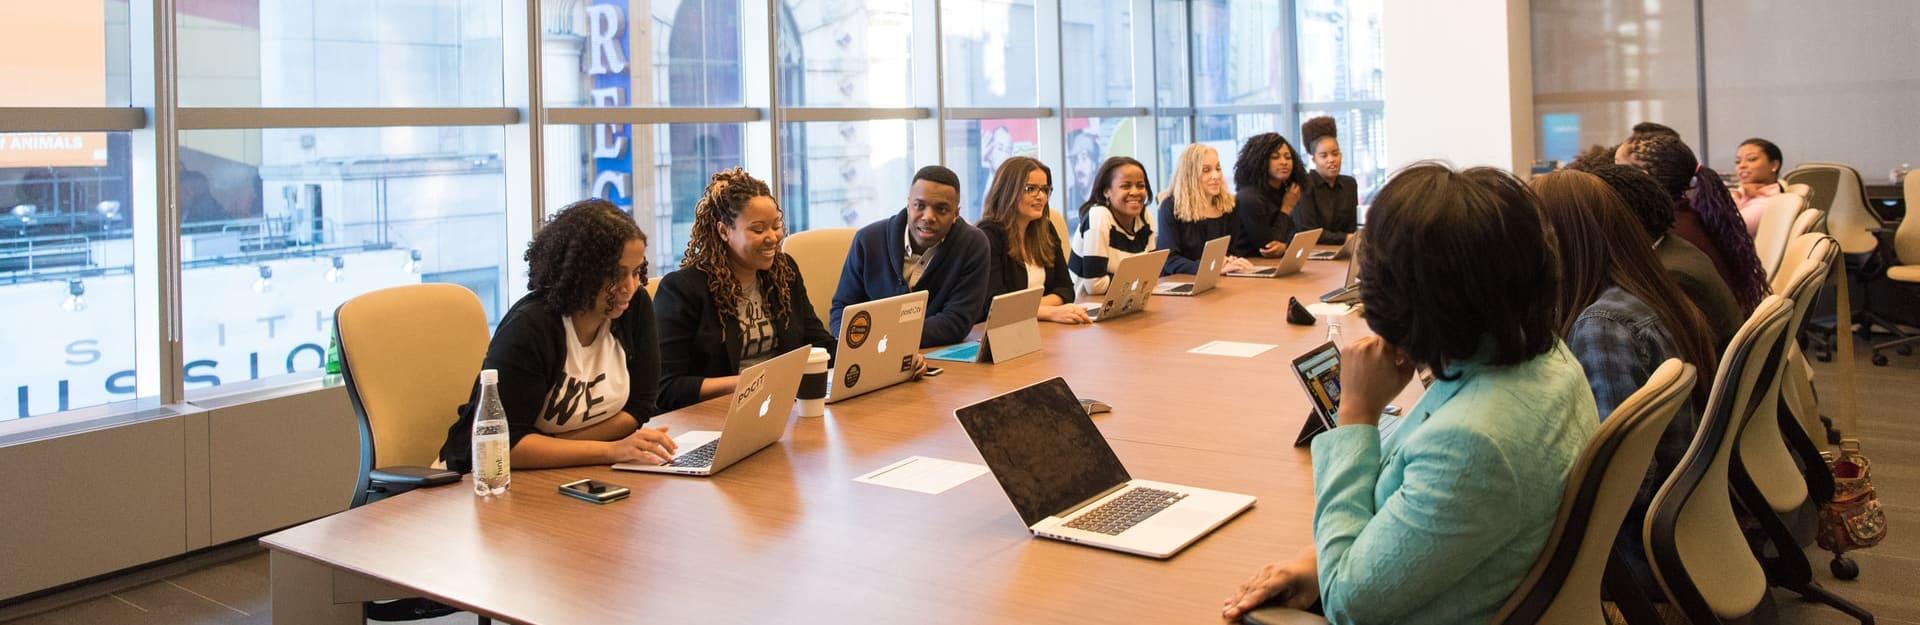 Los Recursos Humanos - Unisport Management School